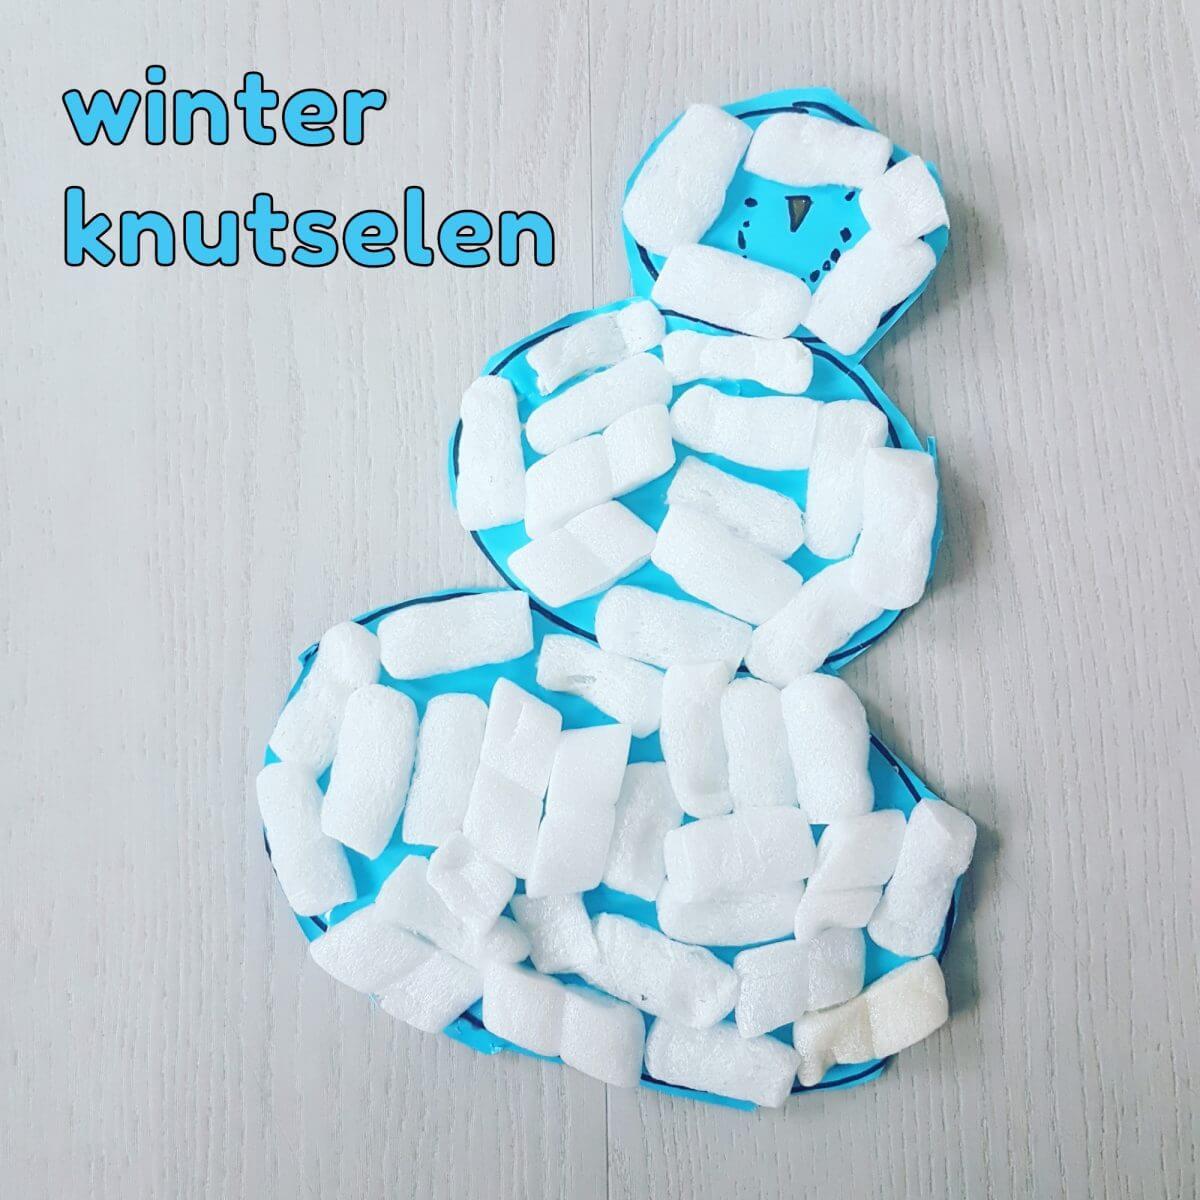 Winter knutsels: met de kinderen knutselen in winter thema - sneeuwpop funmaïs